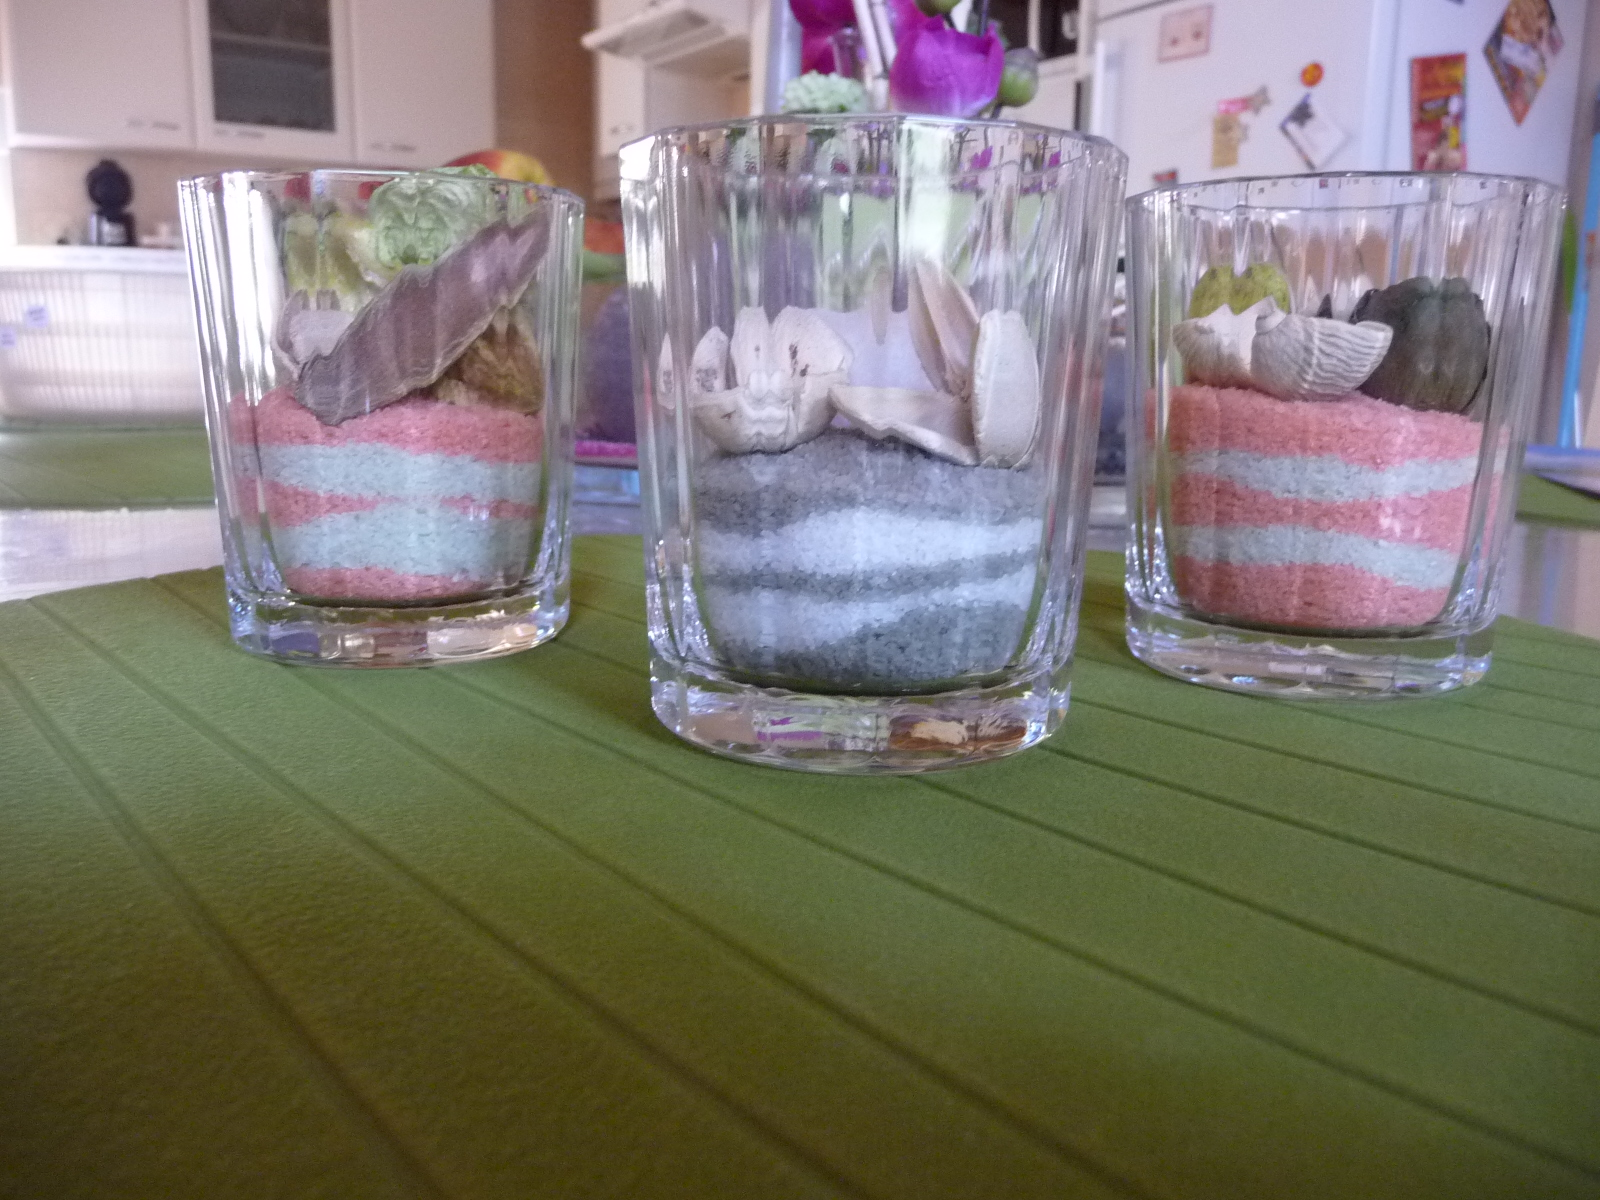 Rosenoire creative petites d co faites avec du sel color - Desherber avec du sel ...